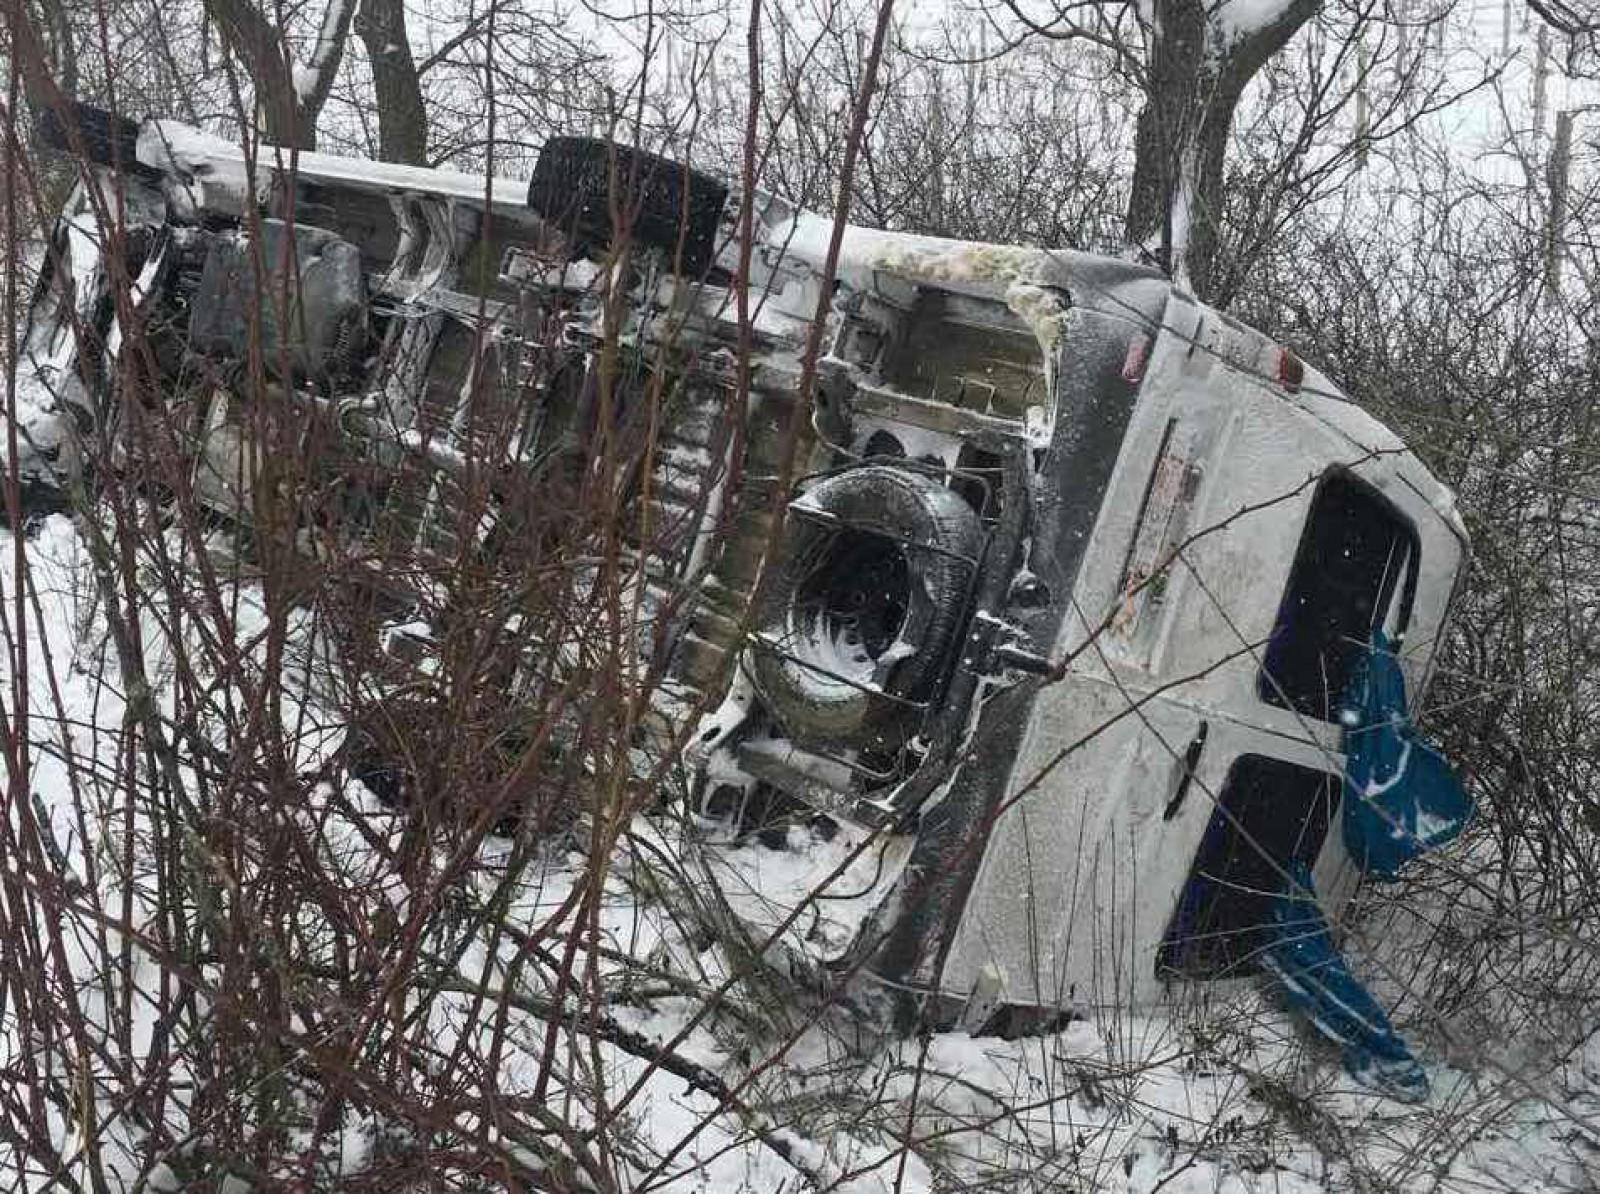 Пассажирский микроавтобус перевернулся на трассе: 5 человек пострадали (ФОТО)